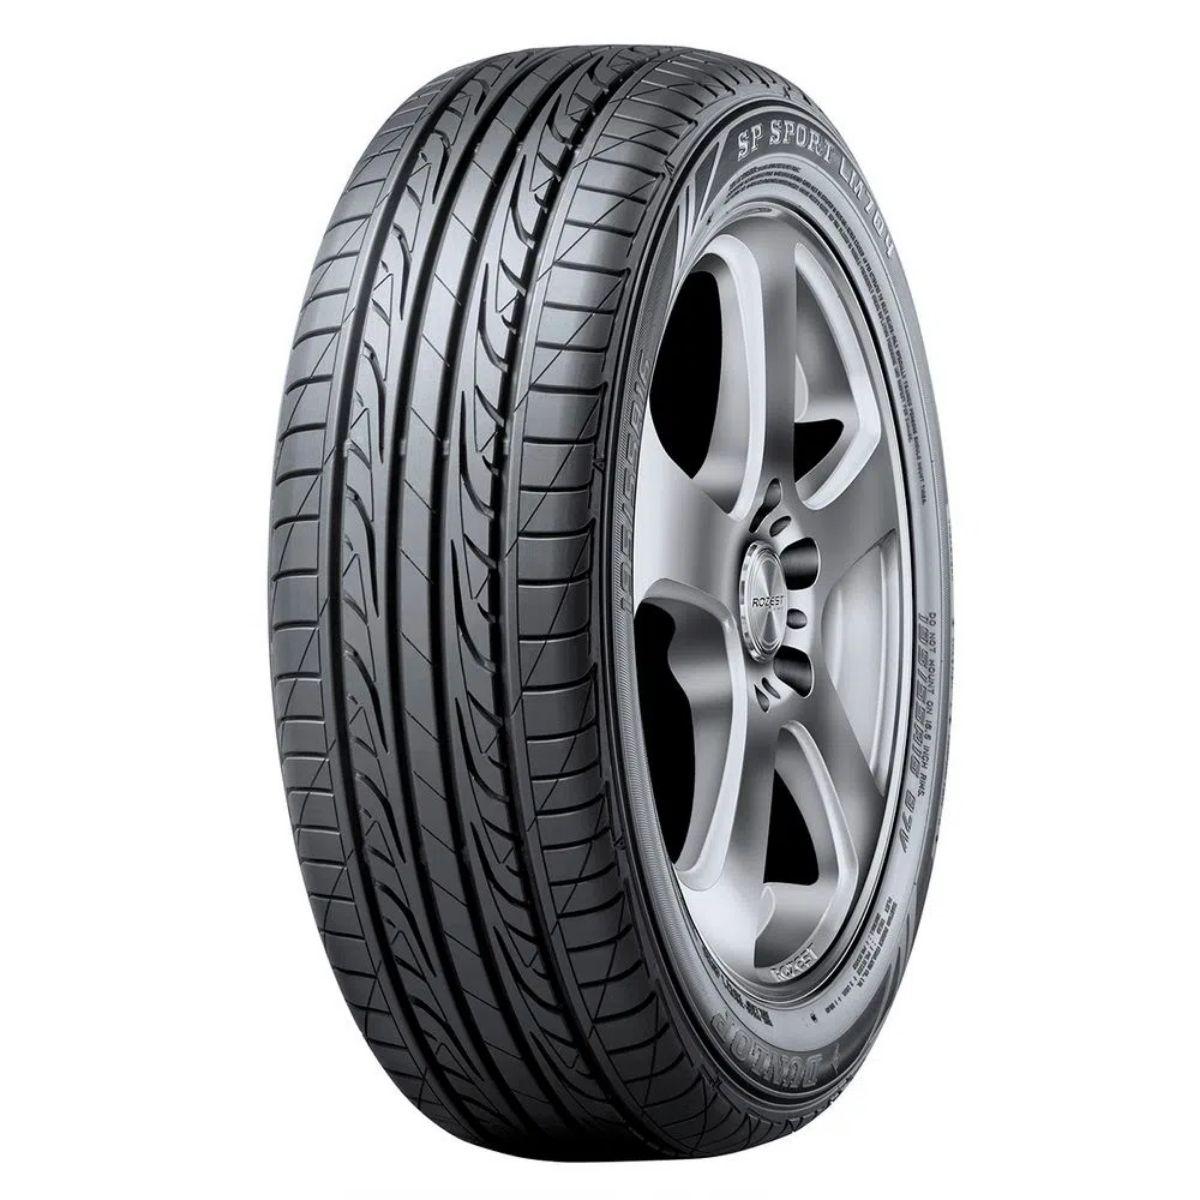 Pneu Dunlop SP Sport LM704 Aro 15 195/60 88H